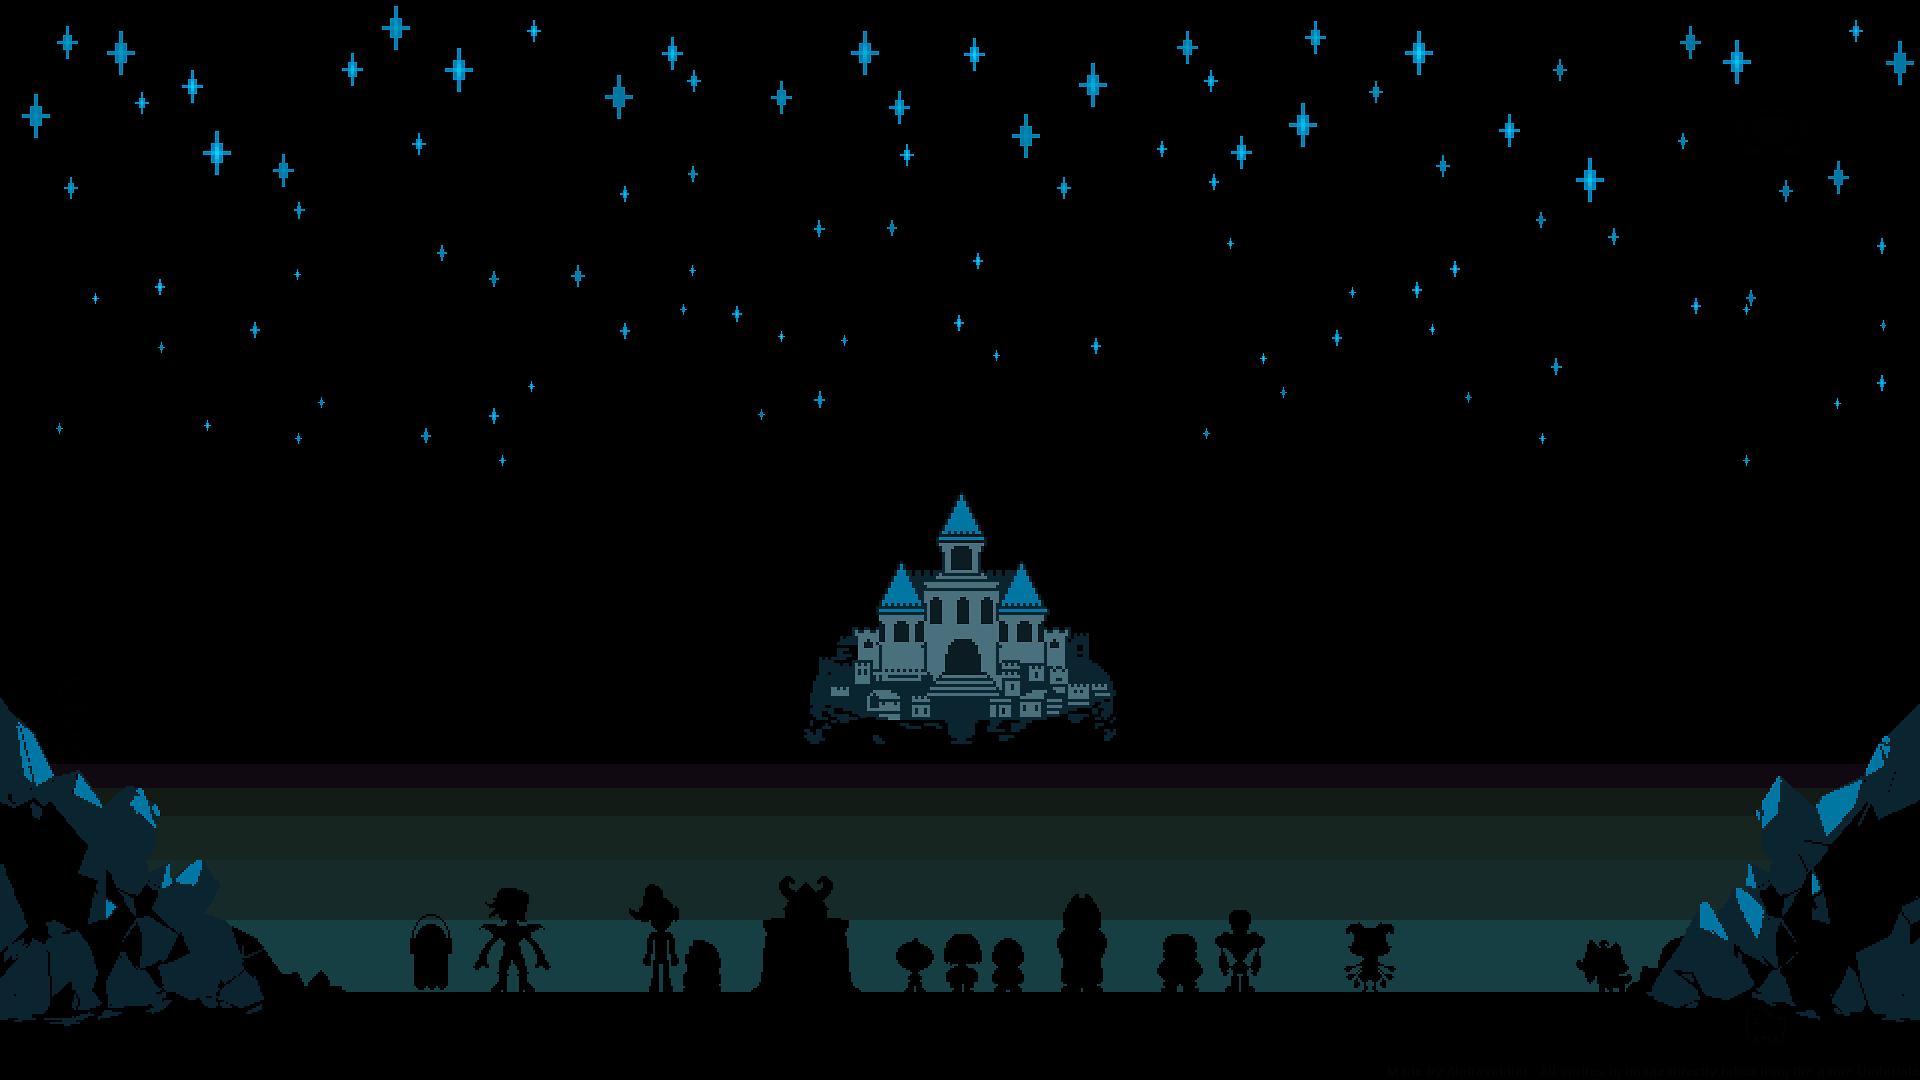 Fond Décran Dessin Illustration Nuit Pixel Art Ciel